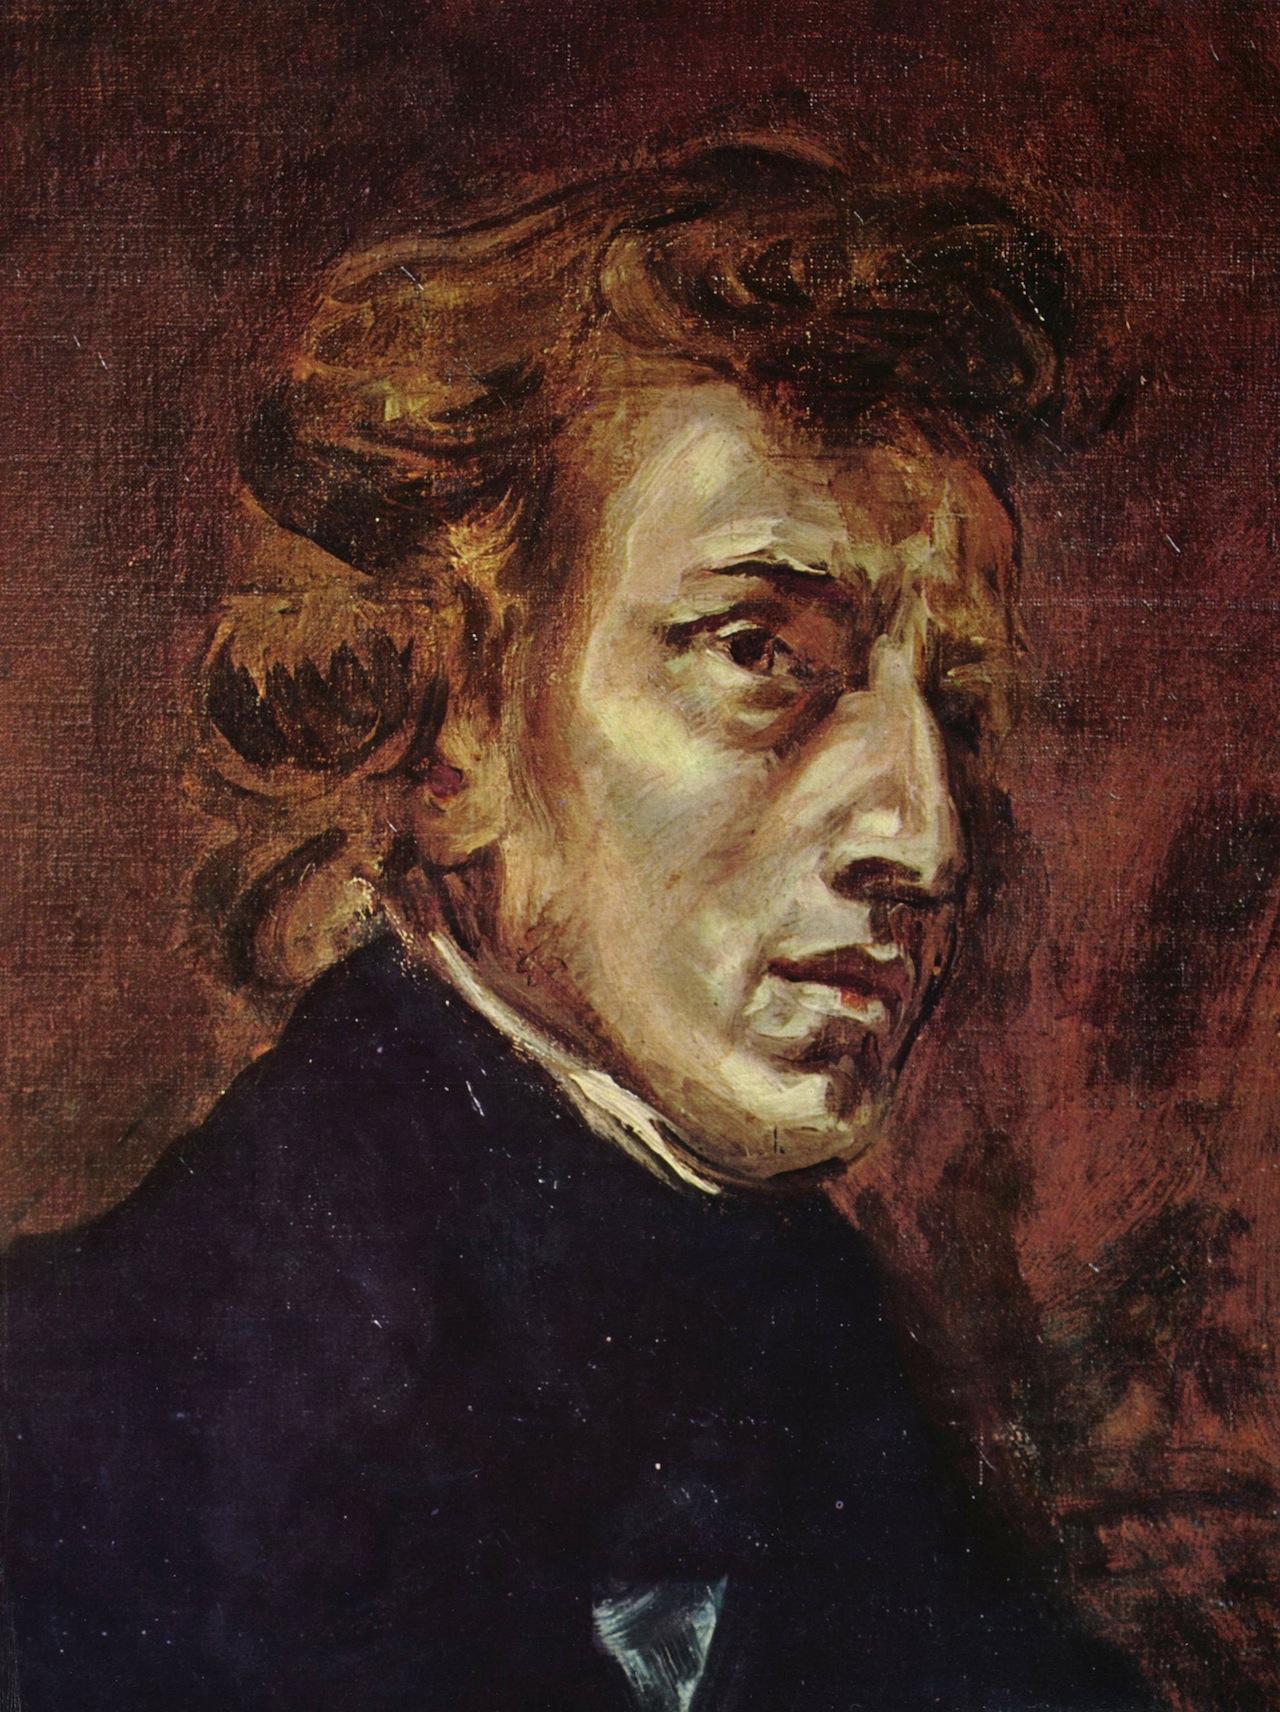 Delacroix's portrait of Frédéric Chopin (Image via Wikimedia)